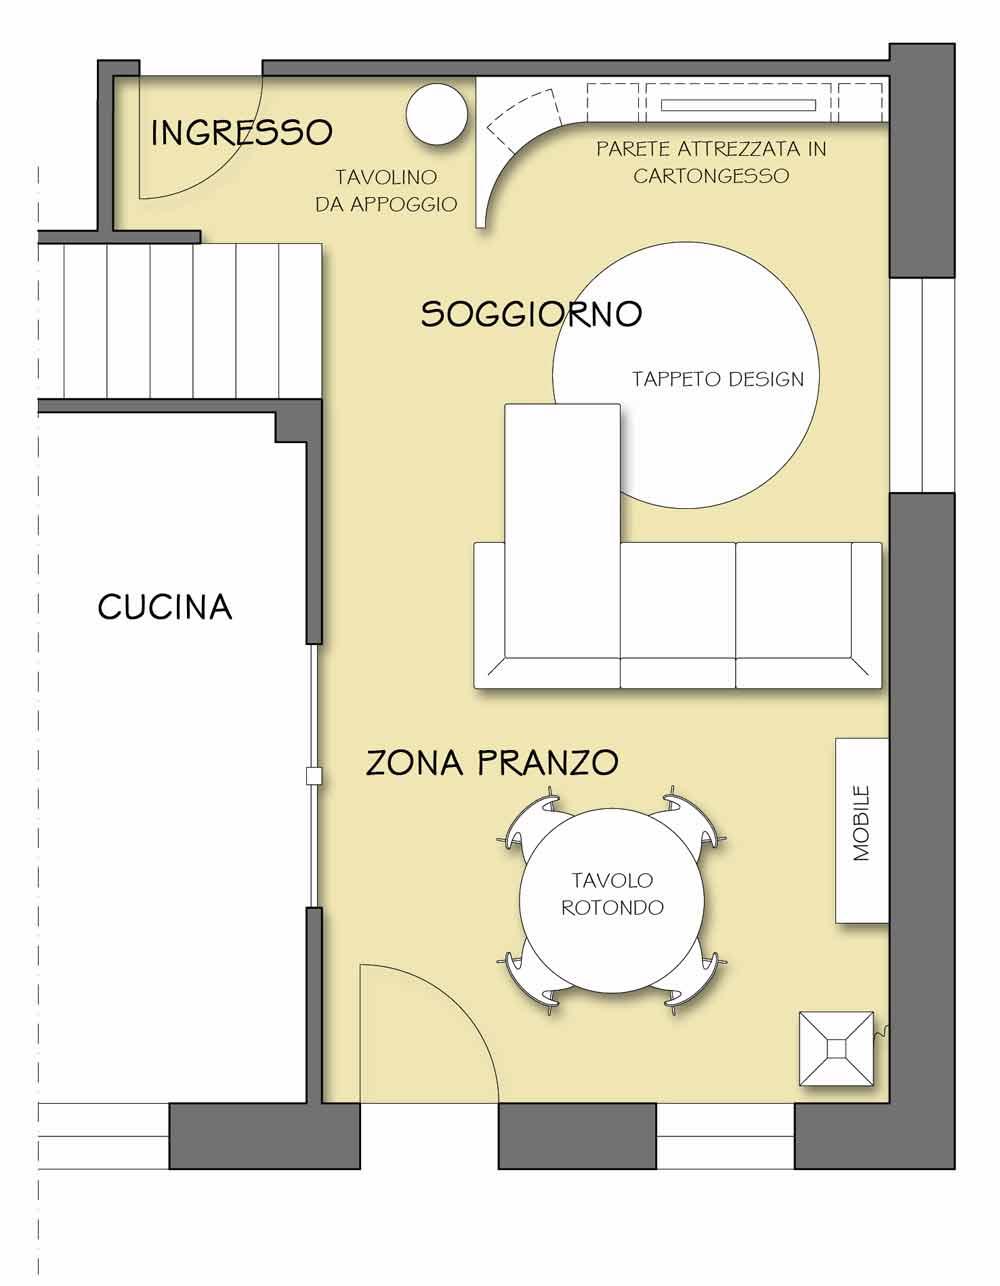 Stretto disegno Soggiorno : Il tappeto che personalizza il soggiorno - Il progetto in una stanza ...